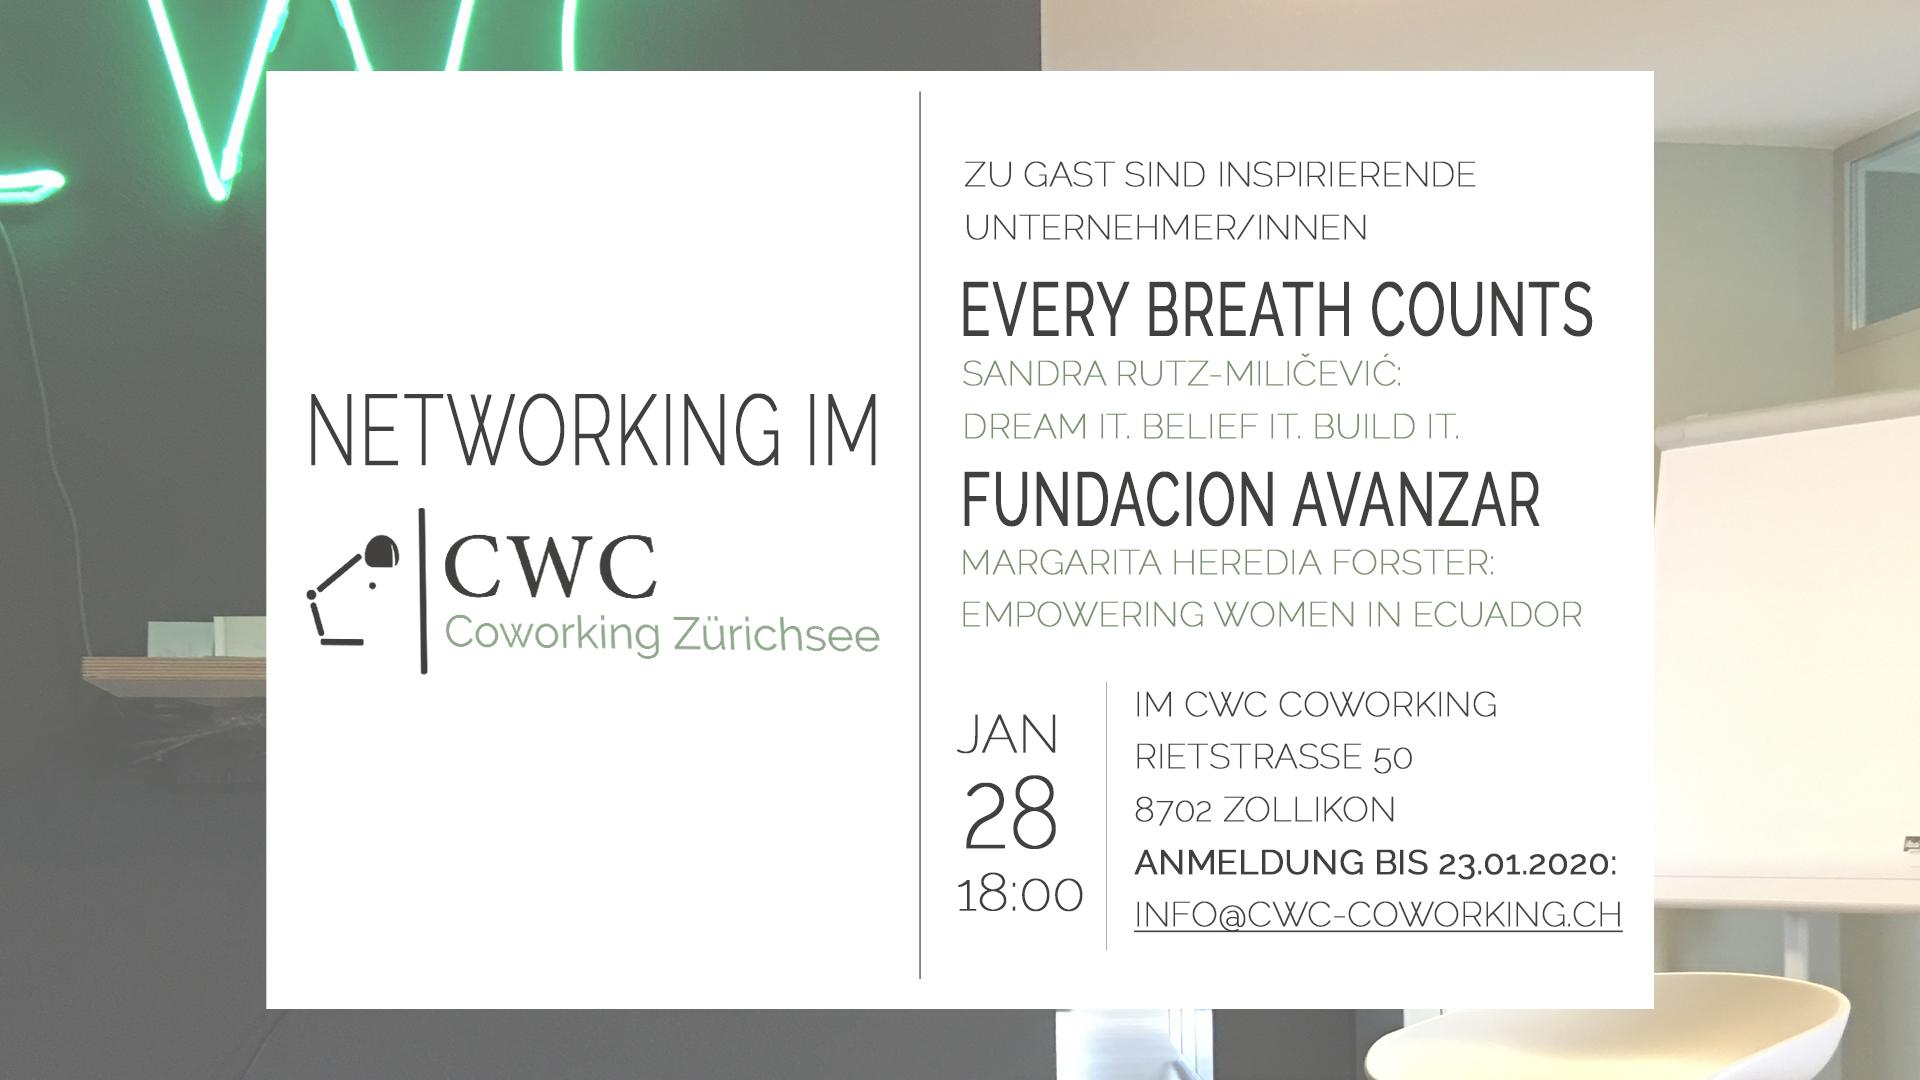 Networking im CWC-Coworking Zurichsee